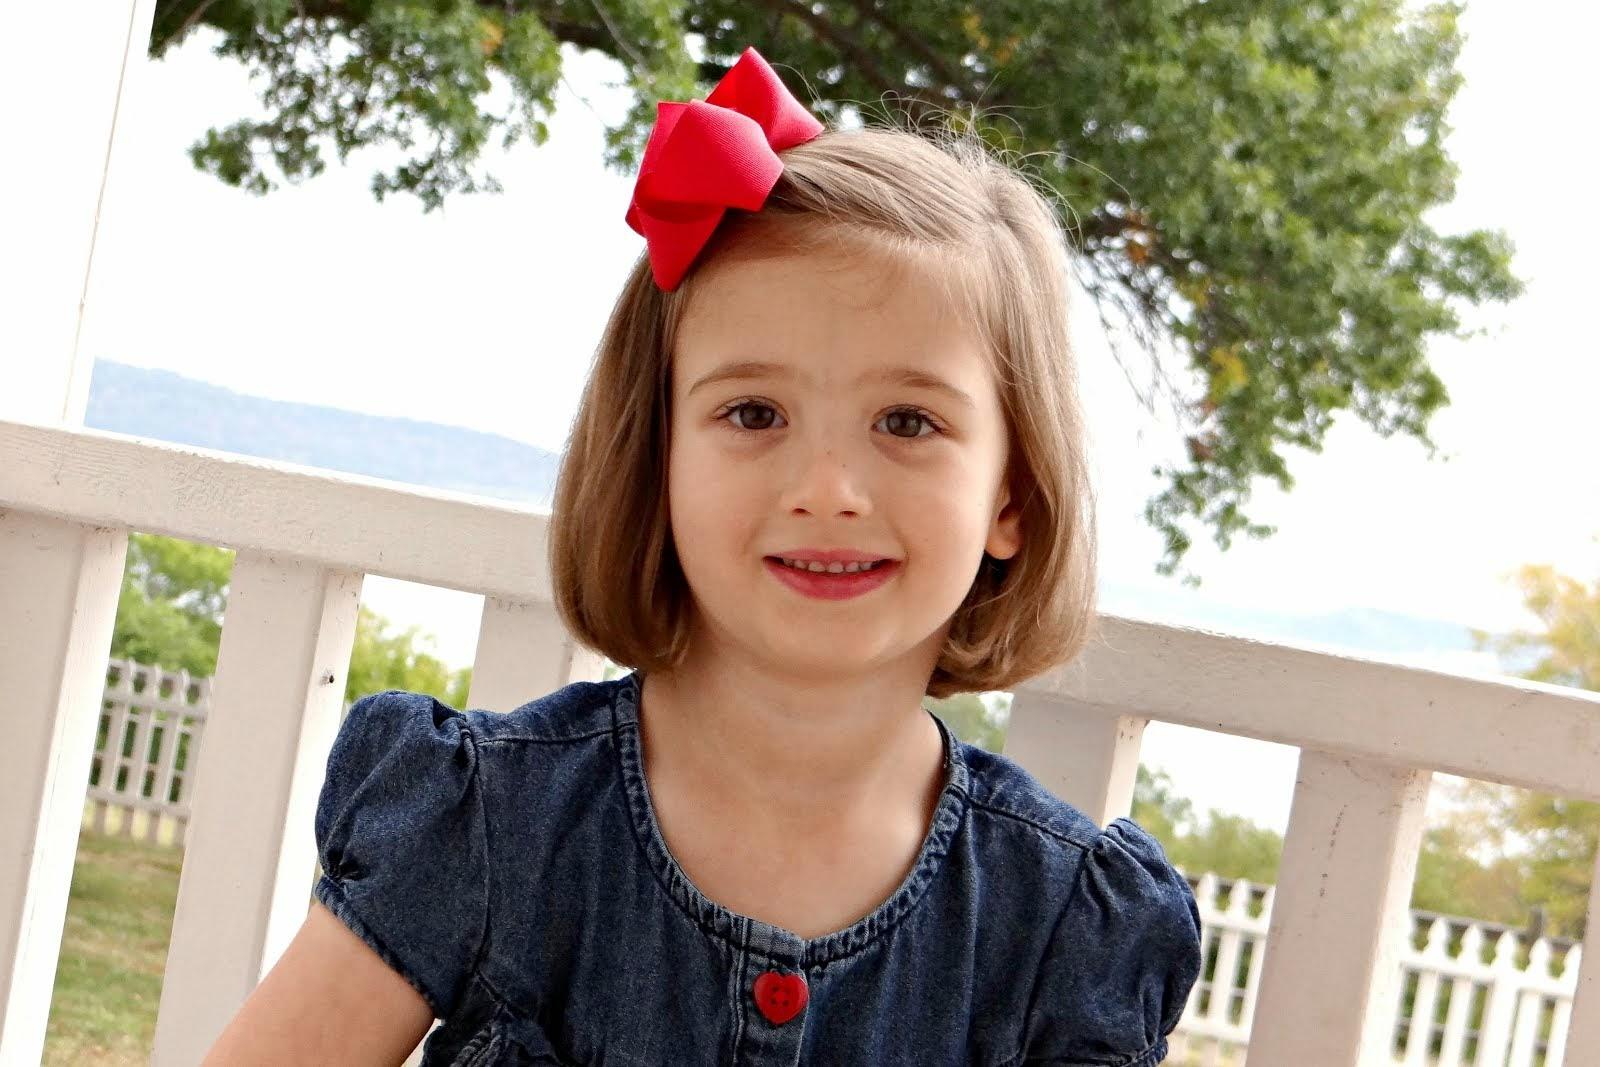 Chloe Jo